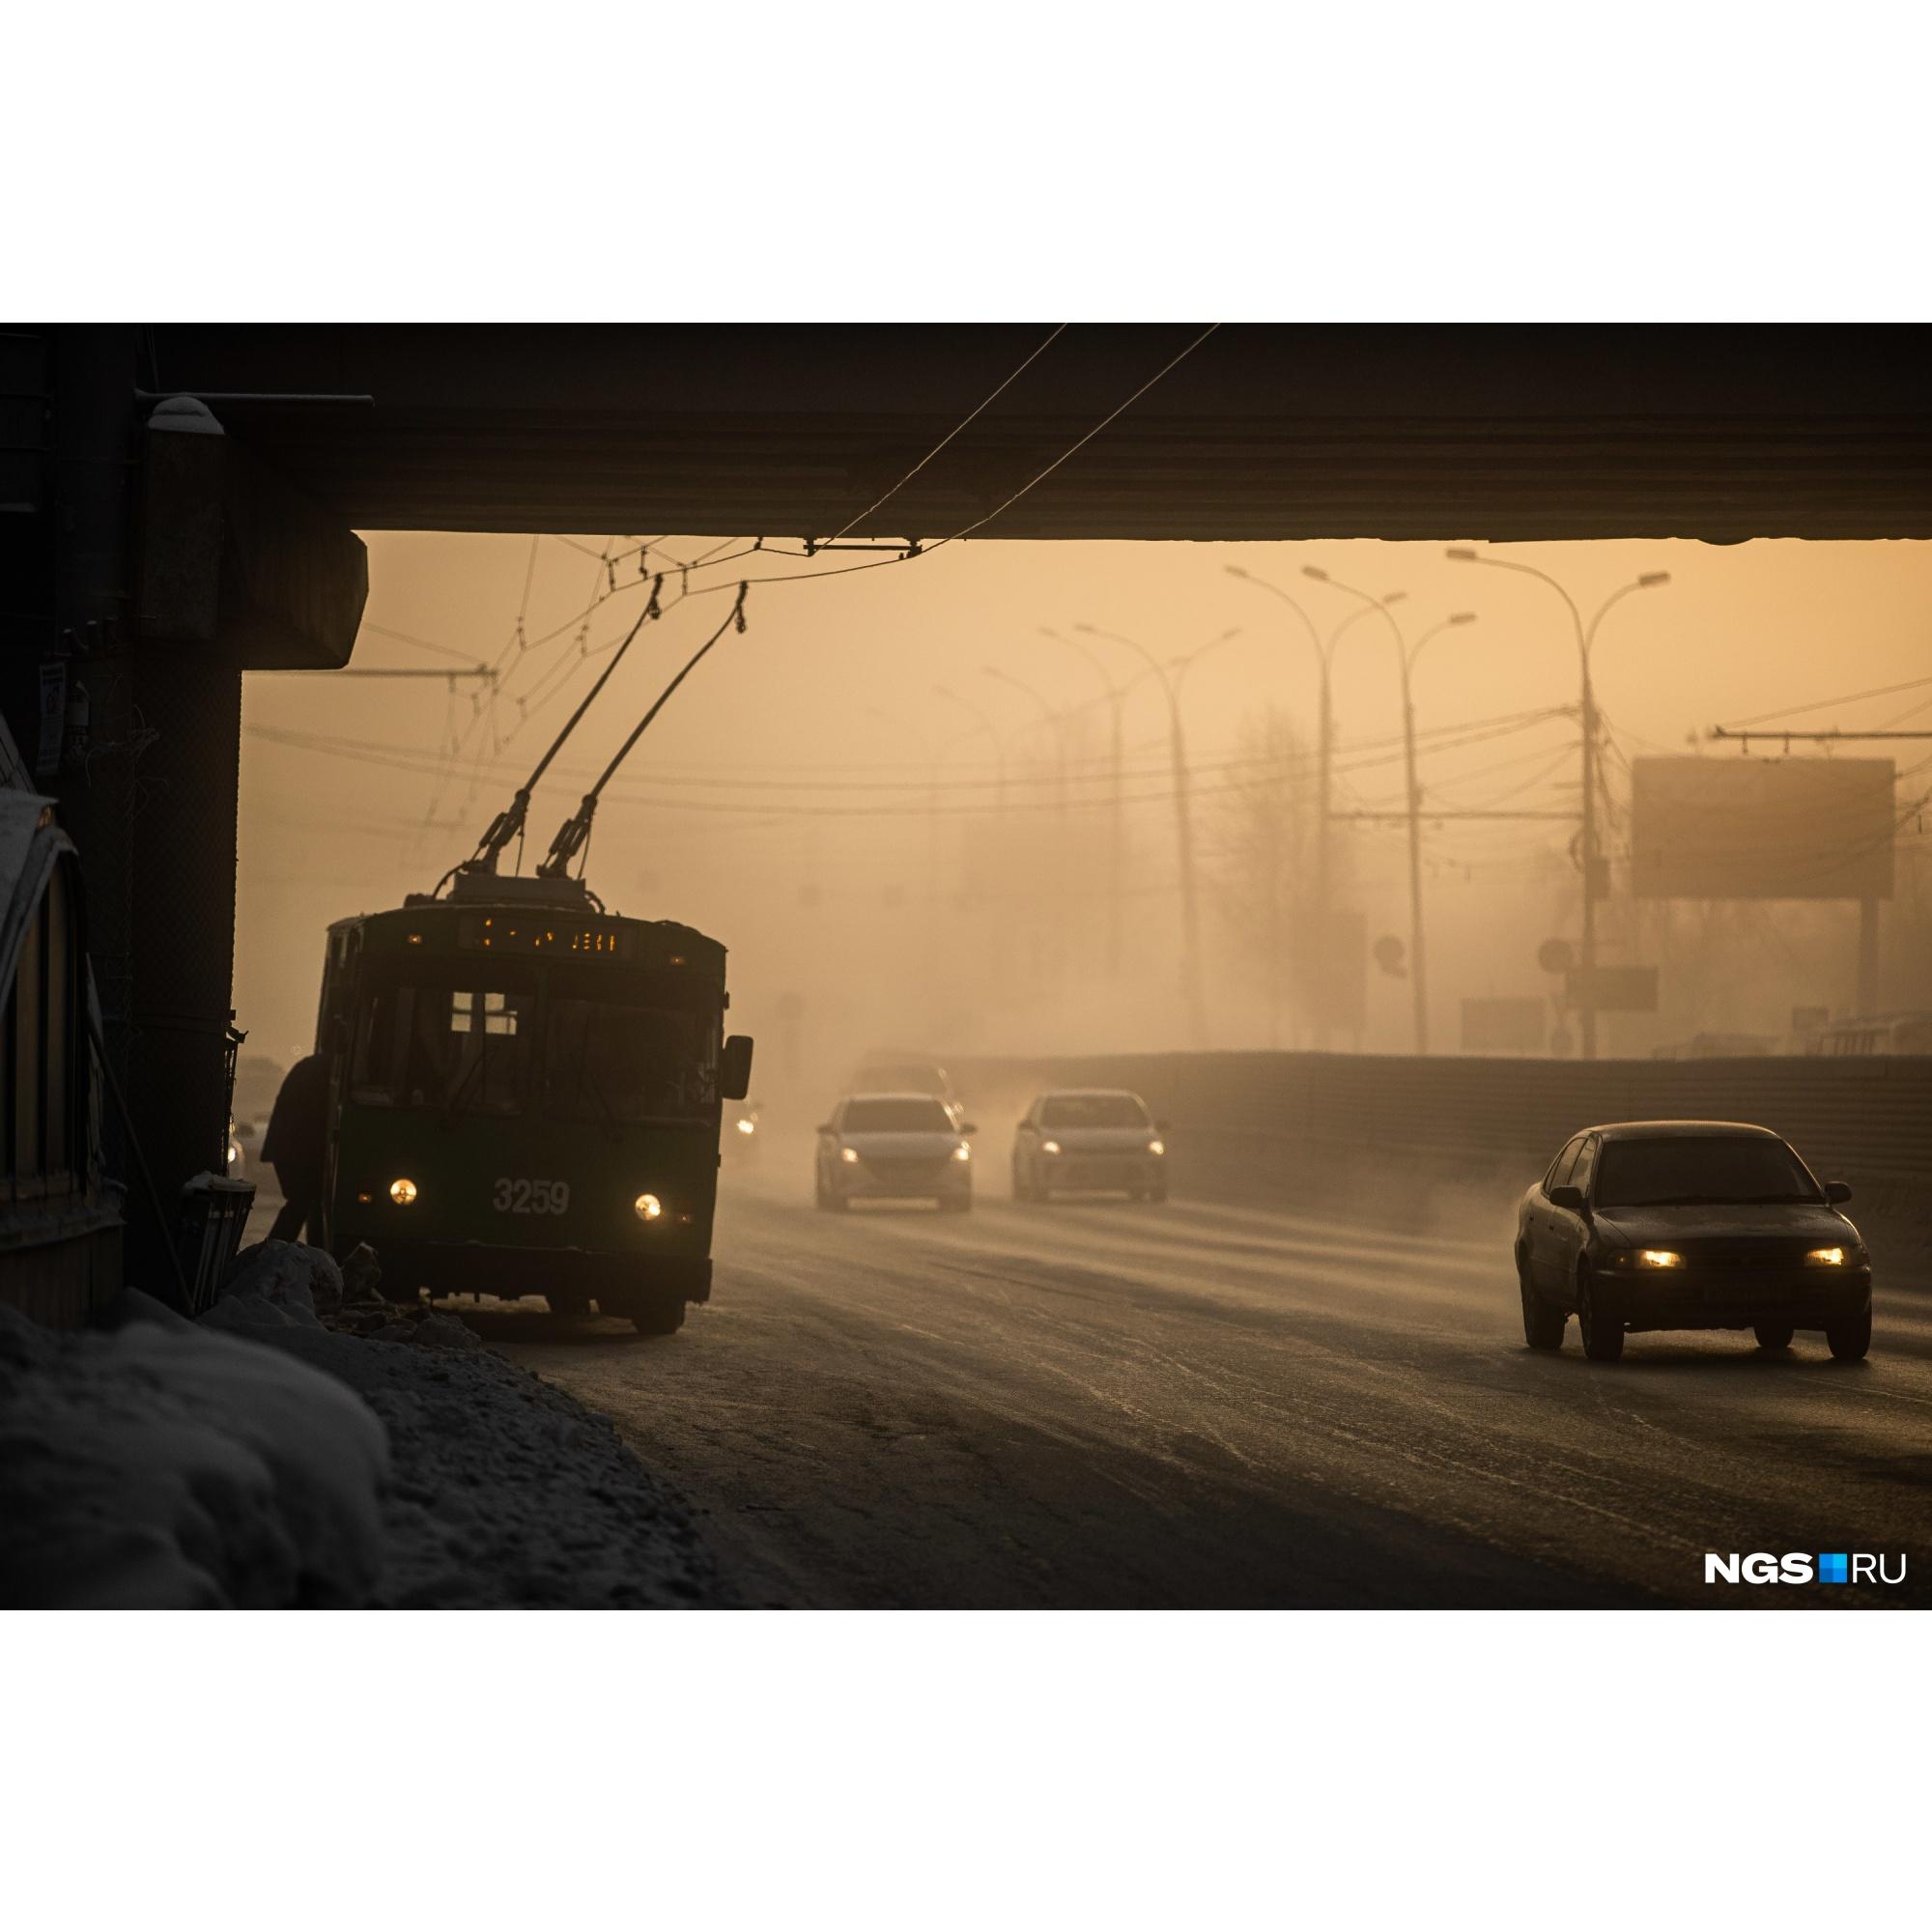 """Из-за суровых морозов автовокзалу накануне даже <a href=""""https://ngs.ru/text/gorod/2021/01/25/69722086/?utm_source=vk&amp;utm_medium=social&amp;utm_campaign=ngs"""" target=""""_blank"""" class=""""_"""">пришлось отменить</a> все автобусные междугородние рейсы&nbsp;"""